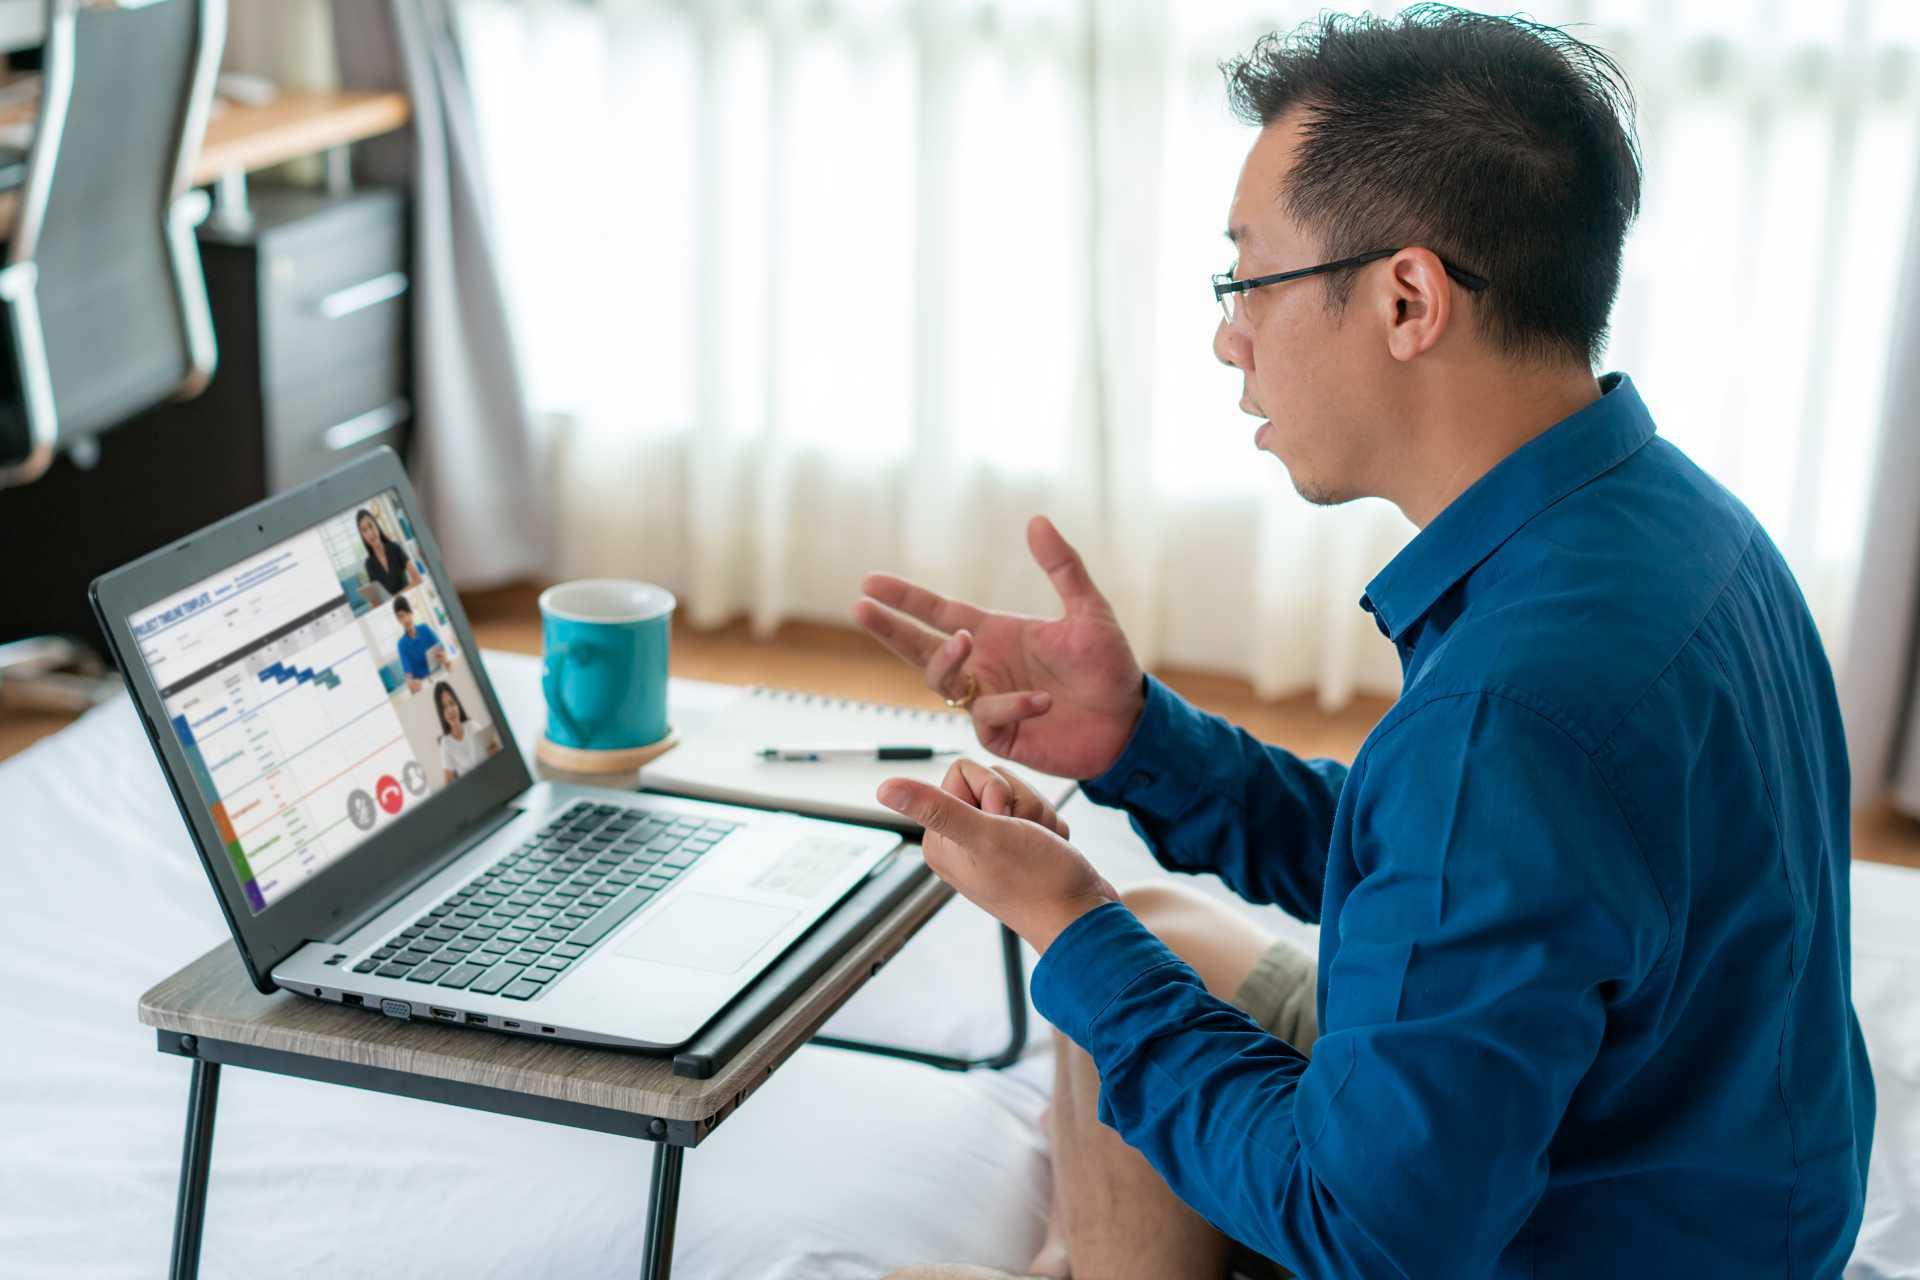 Man videoconferencing on hotel bed